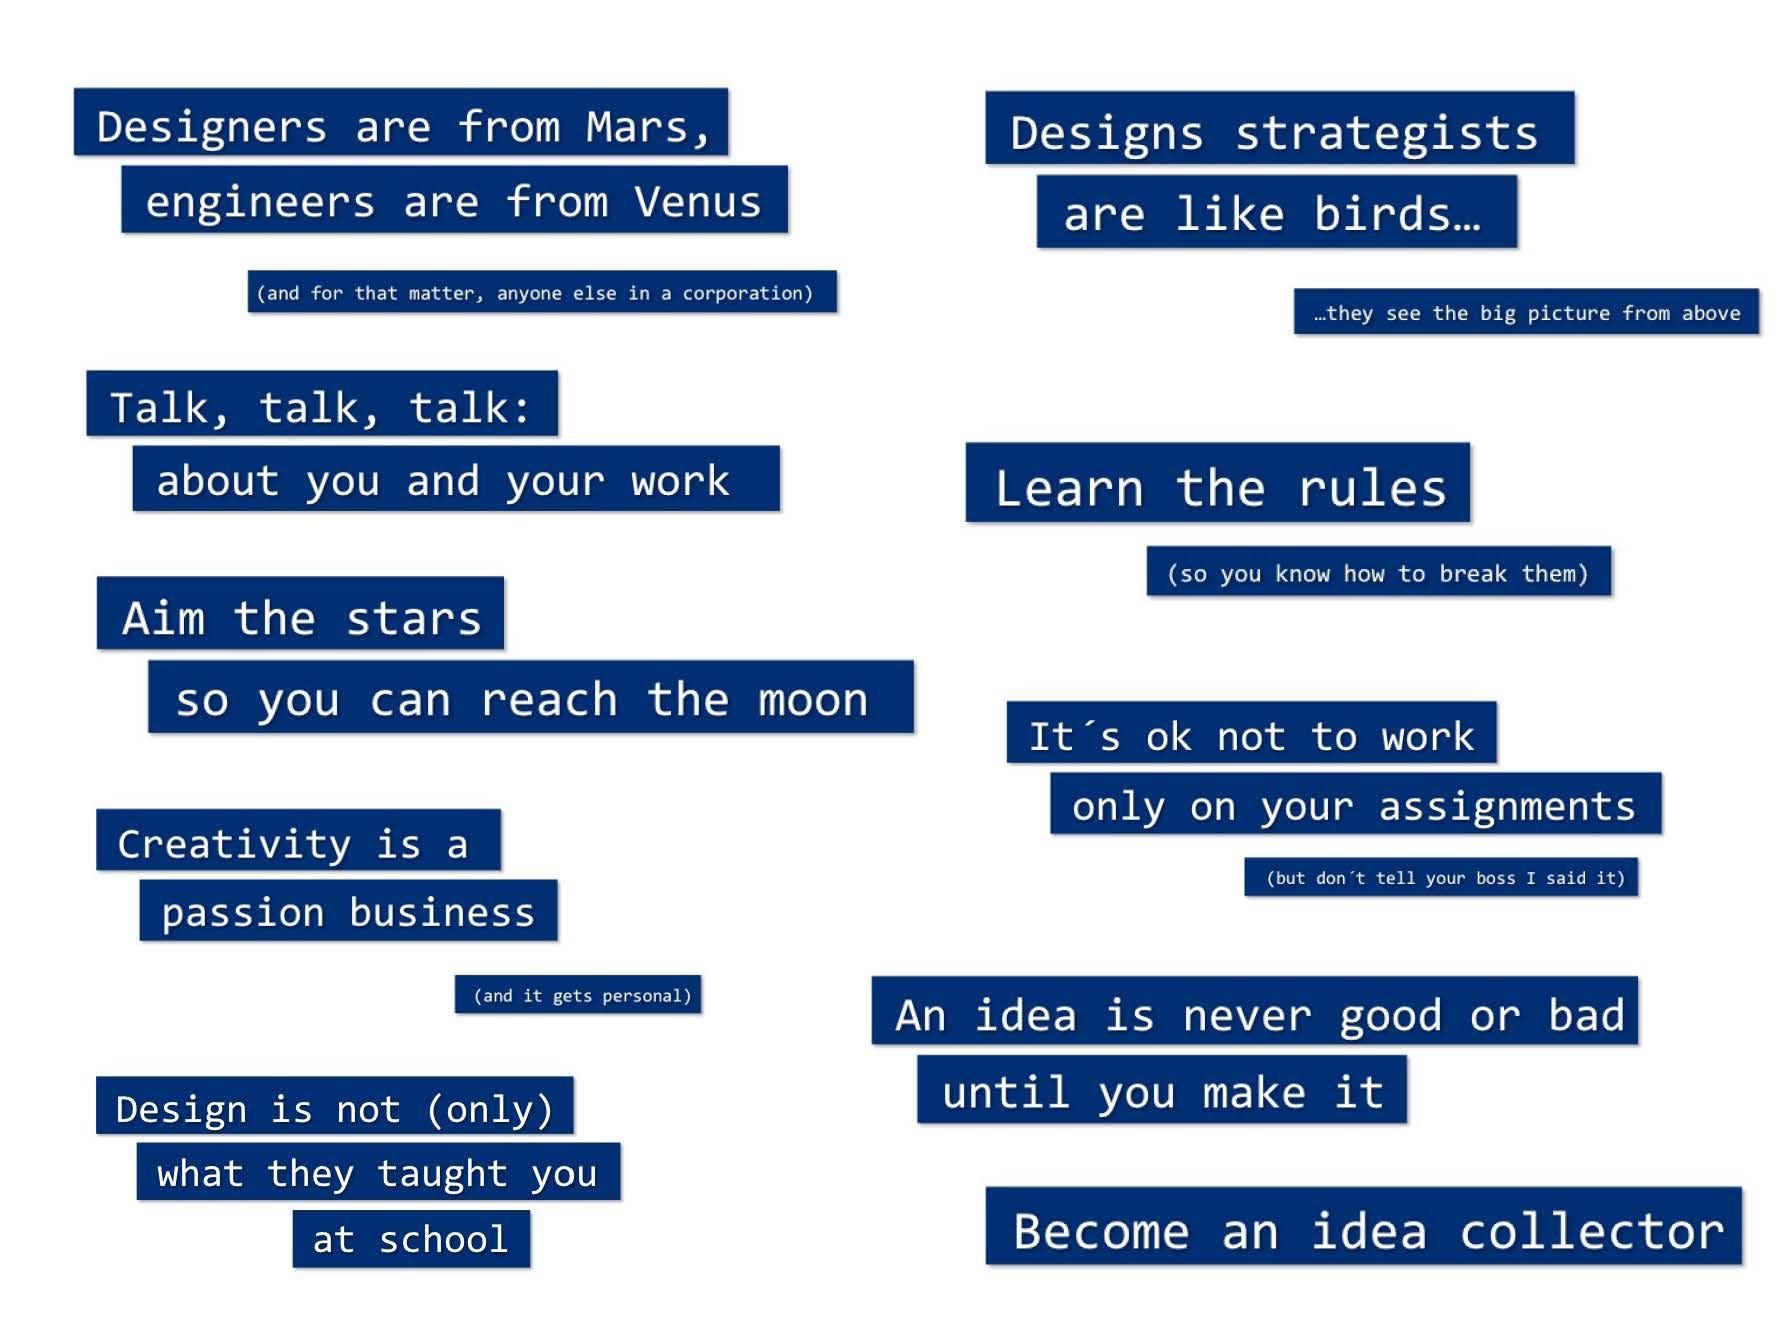 """Conferencia """"Cómo convertirse en diseñador estratégico"""", sobre el establecimiento y mantenimiento de una competencia estrategia creativa dentro de la empresa."""